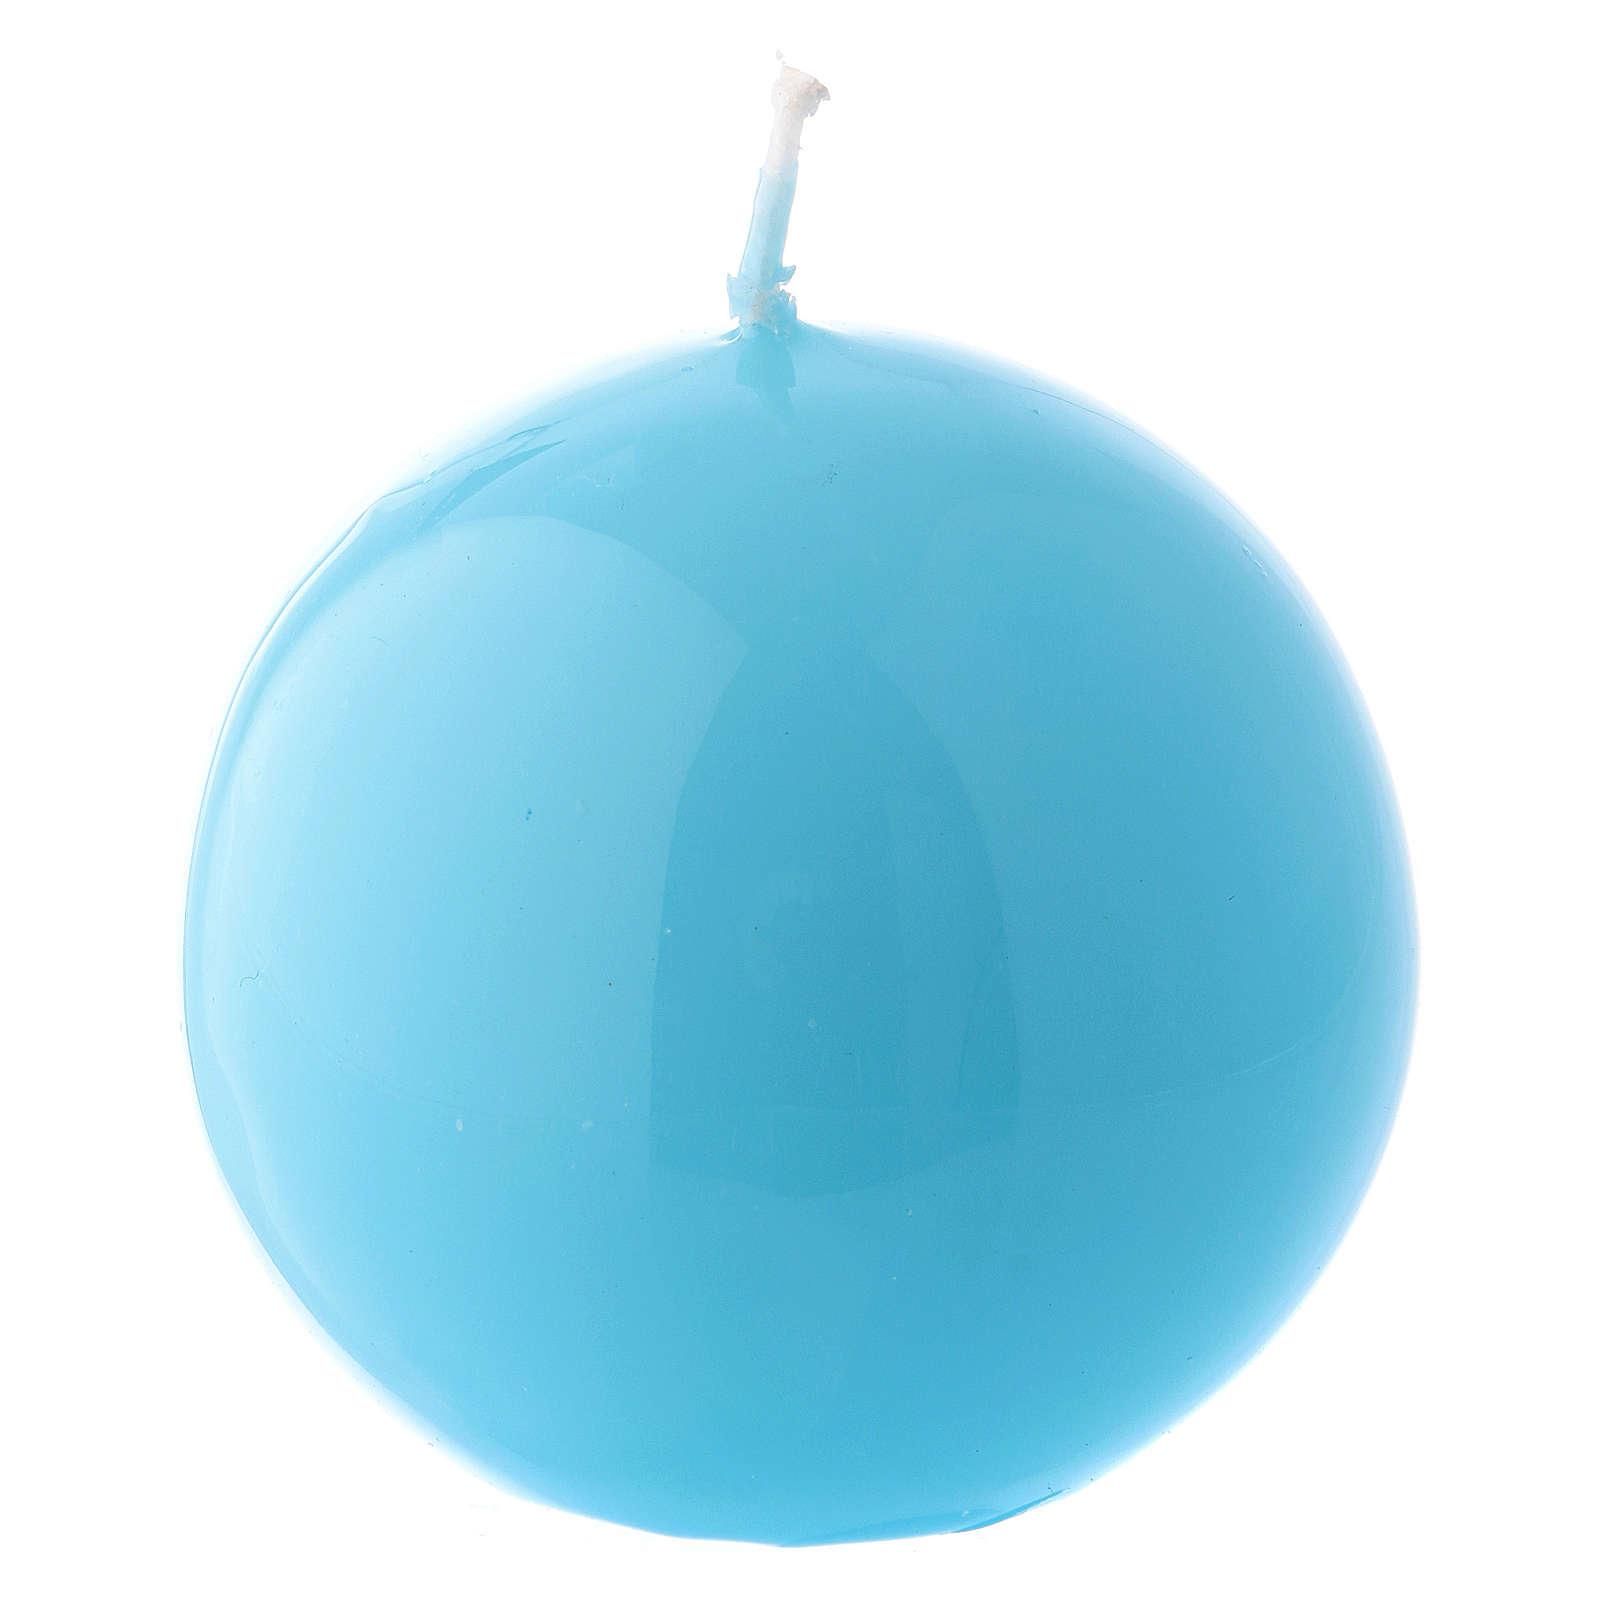 Bougie Sphère Brillante Ceralacca diam. 6 cm bleu clair 3